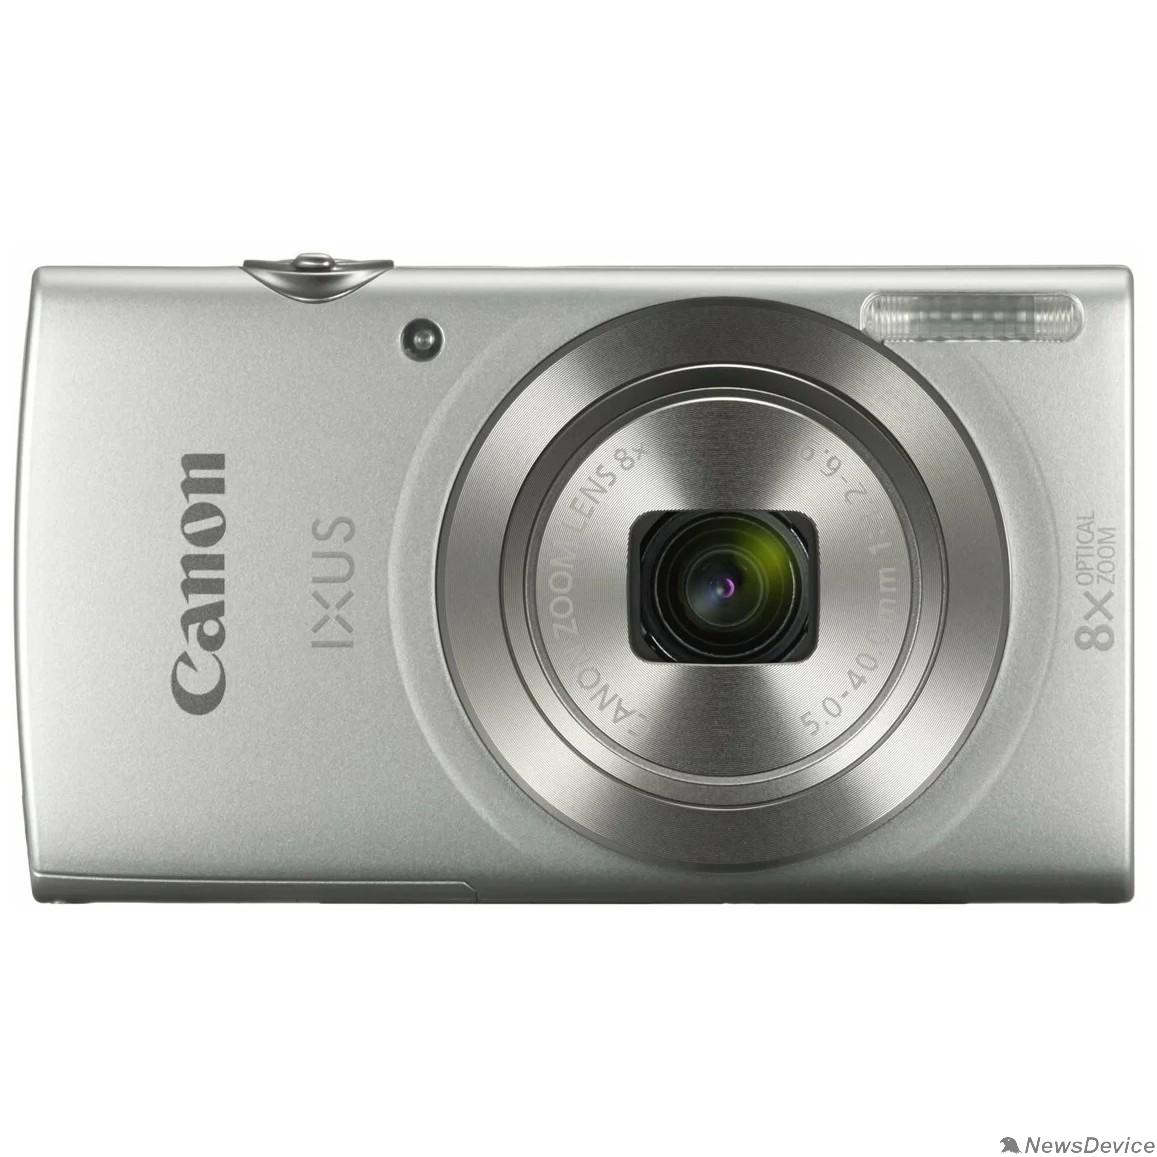 """Цифровая фотокамера Canon IXUS 185 серебристый 20Mpix Zoom8x 2.7"""" 720p SDXC CCD 1x2.3 IS el 1minF 0.8fr/s 25fr/s/NB-11LH"""